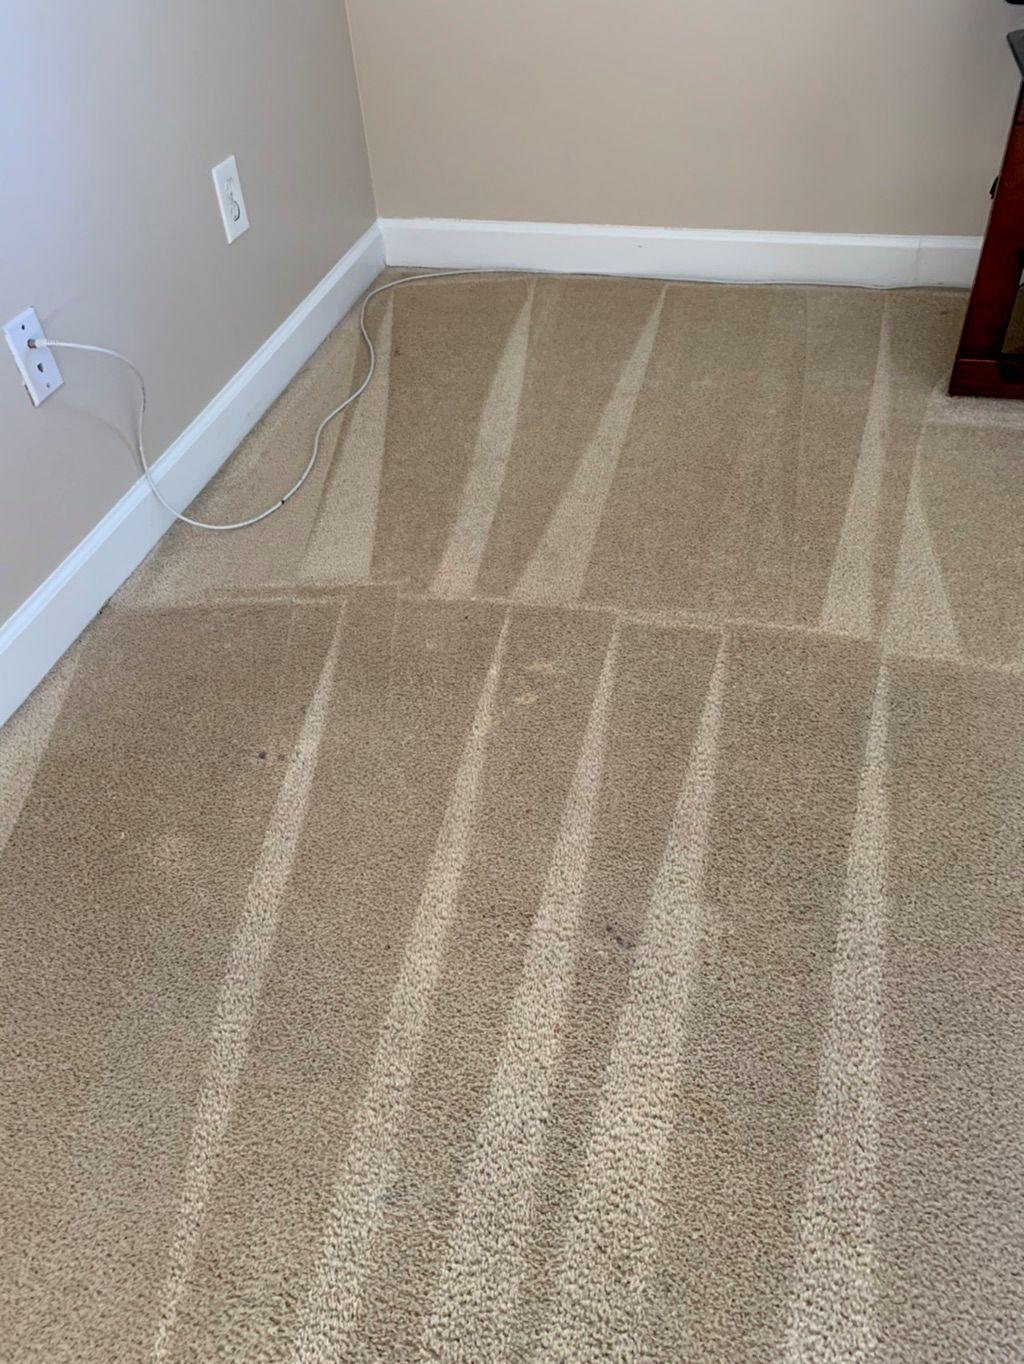 Chemfree Carpet care